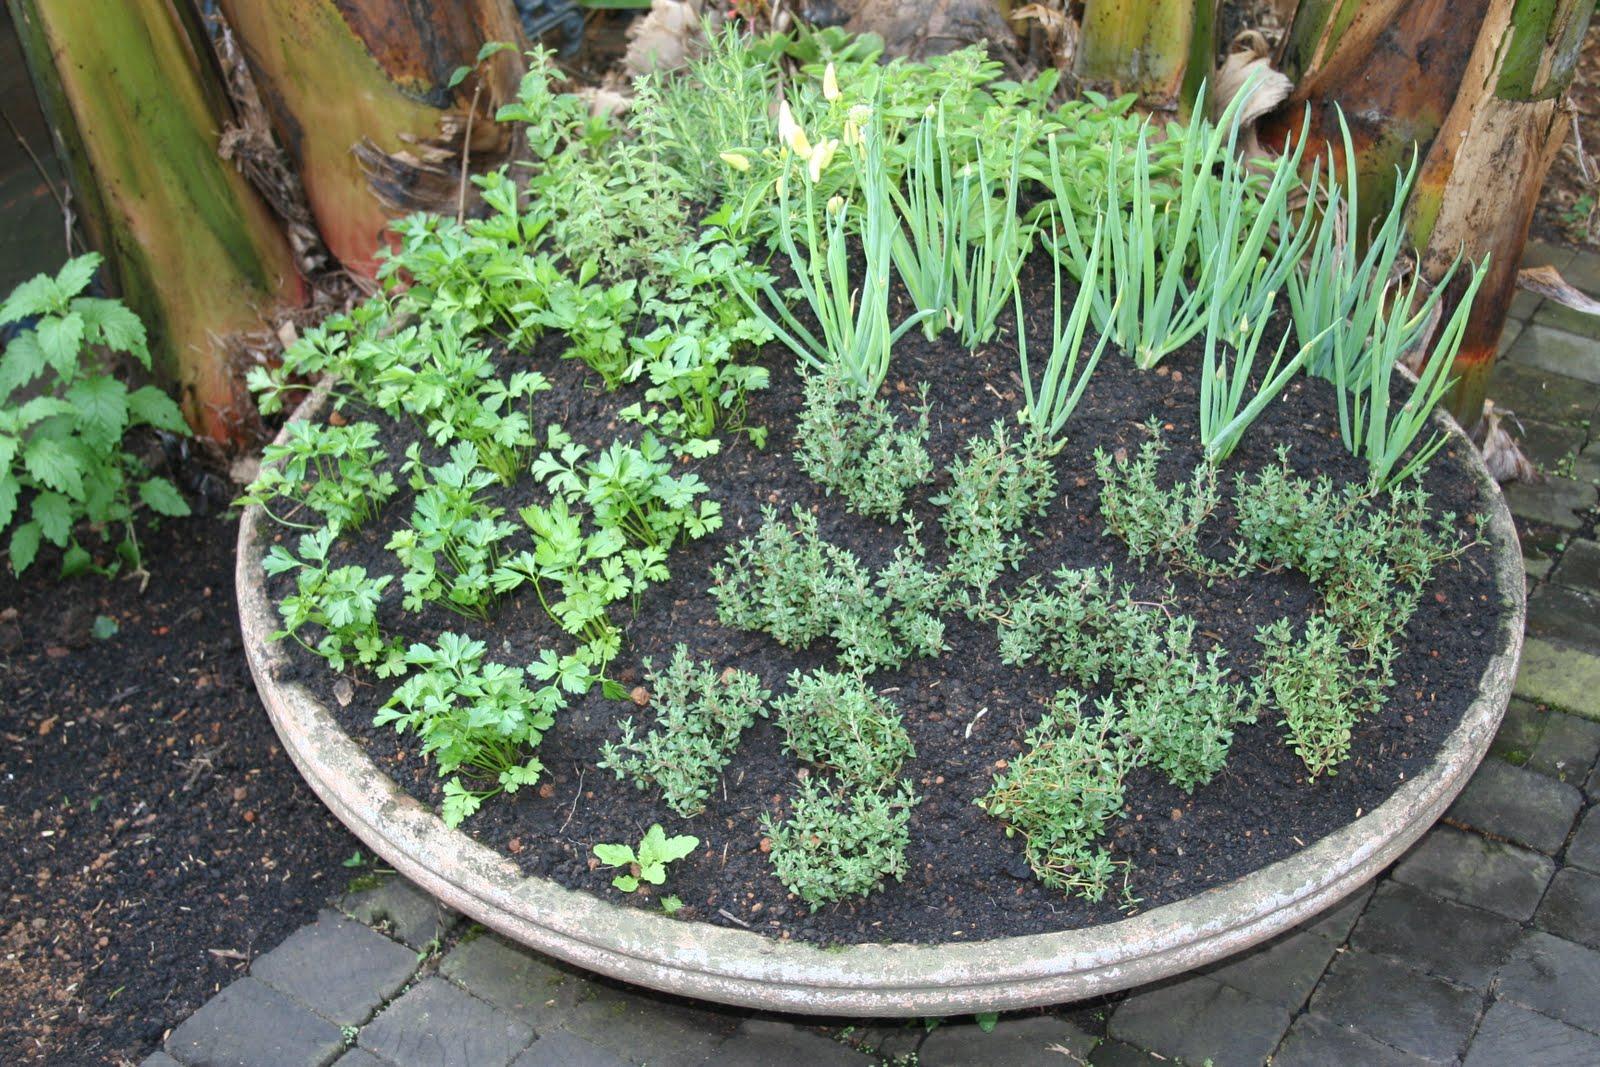 jardins quintal pequeno:Horta Em Casa